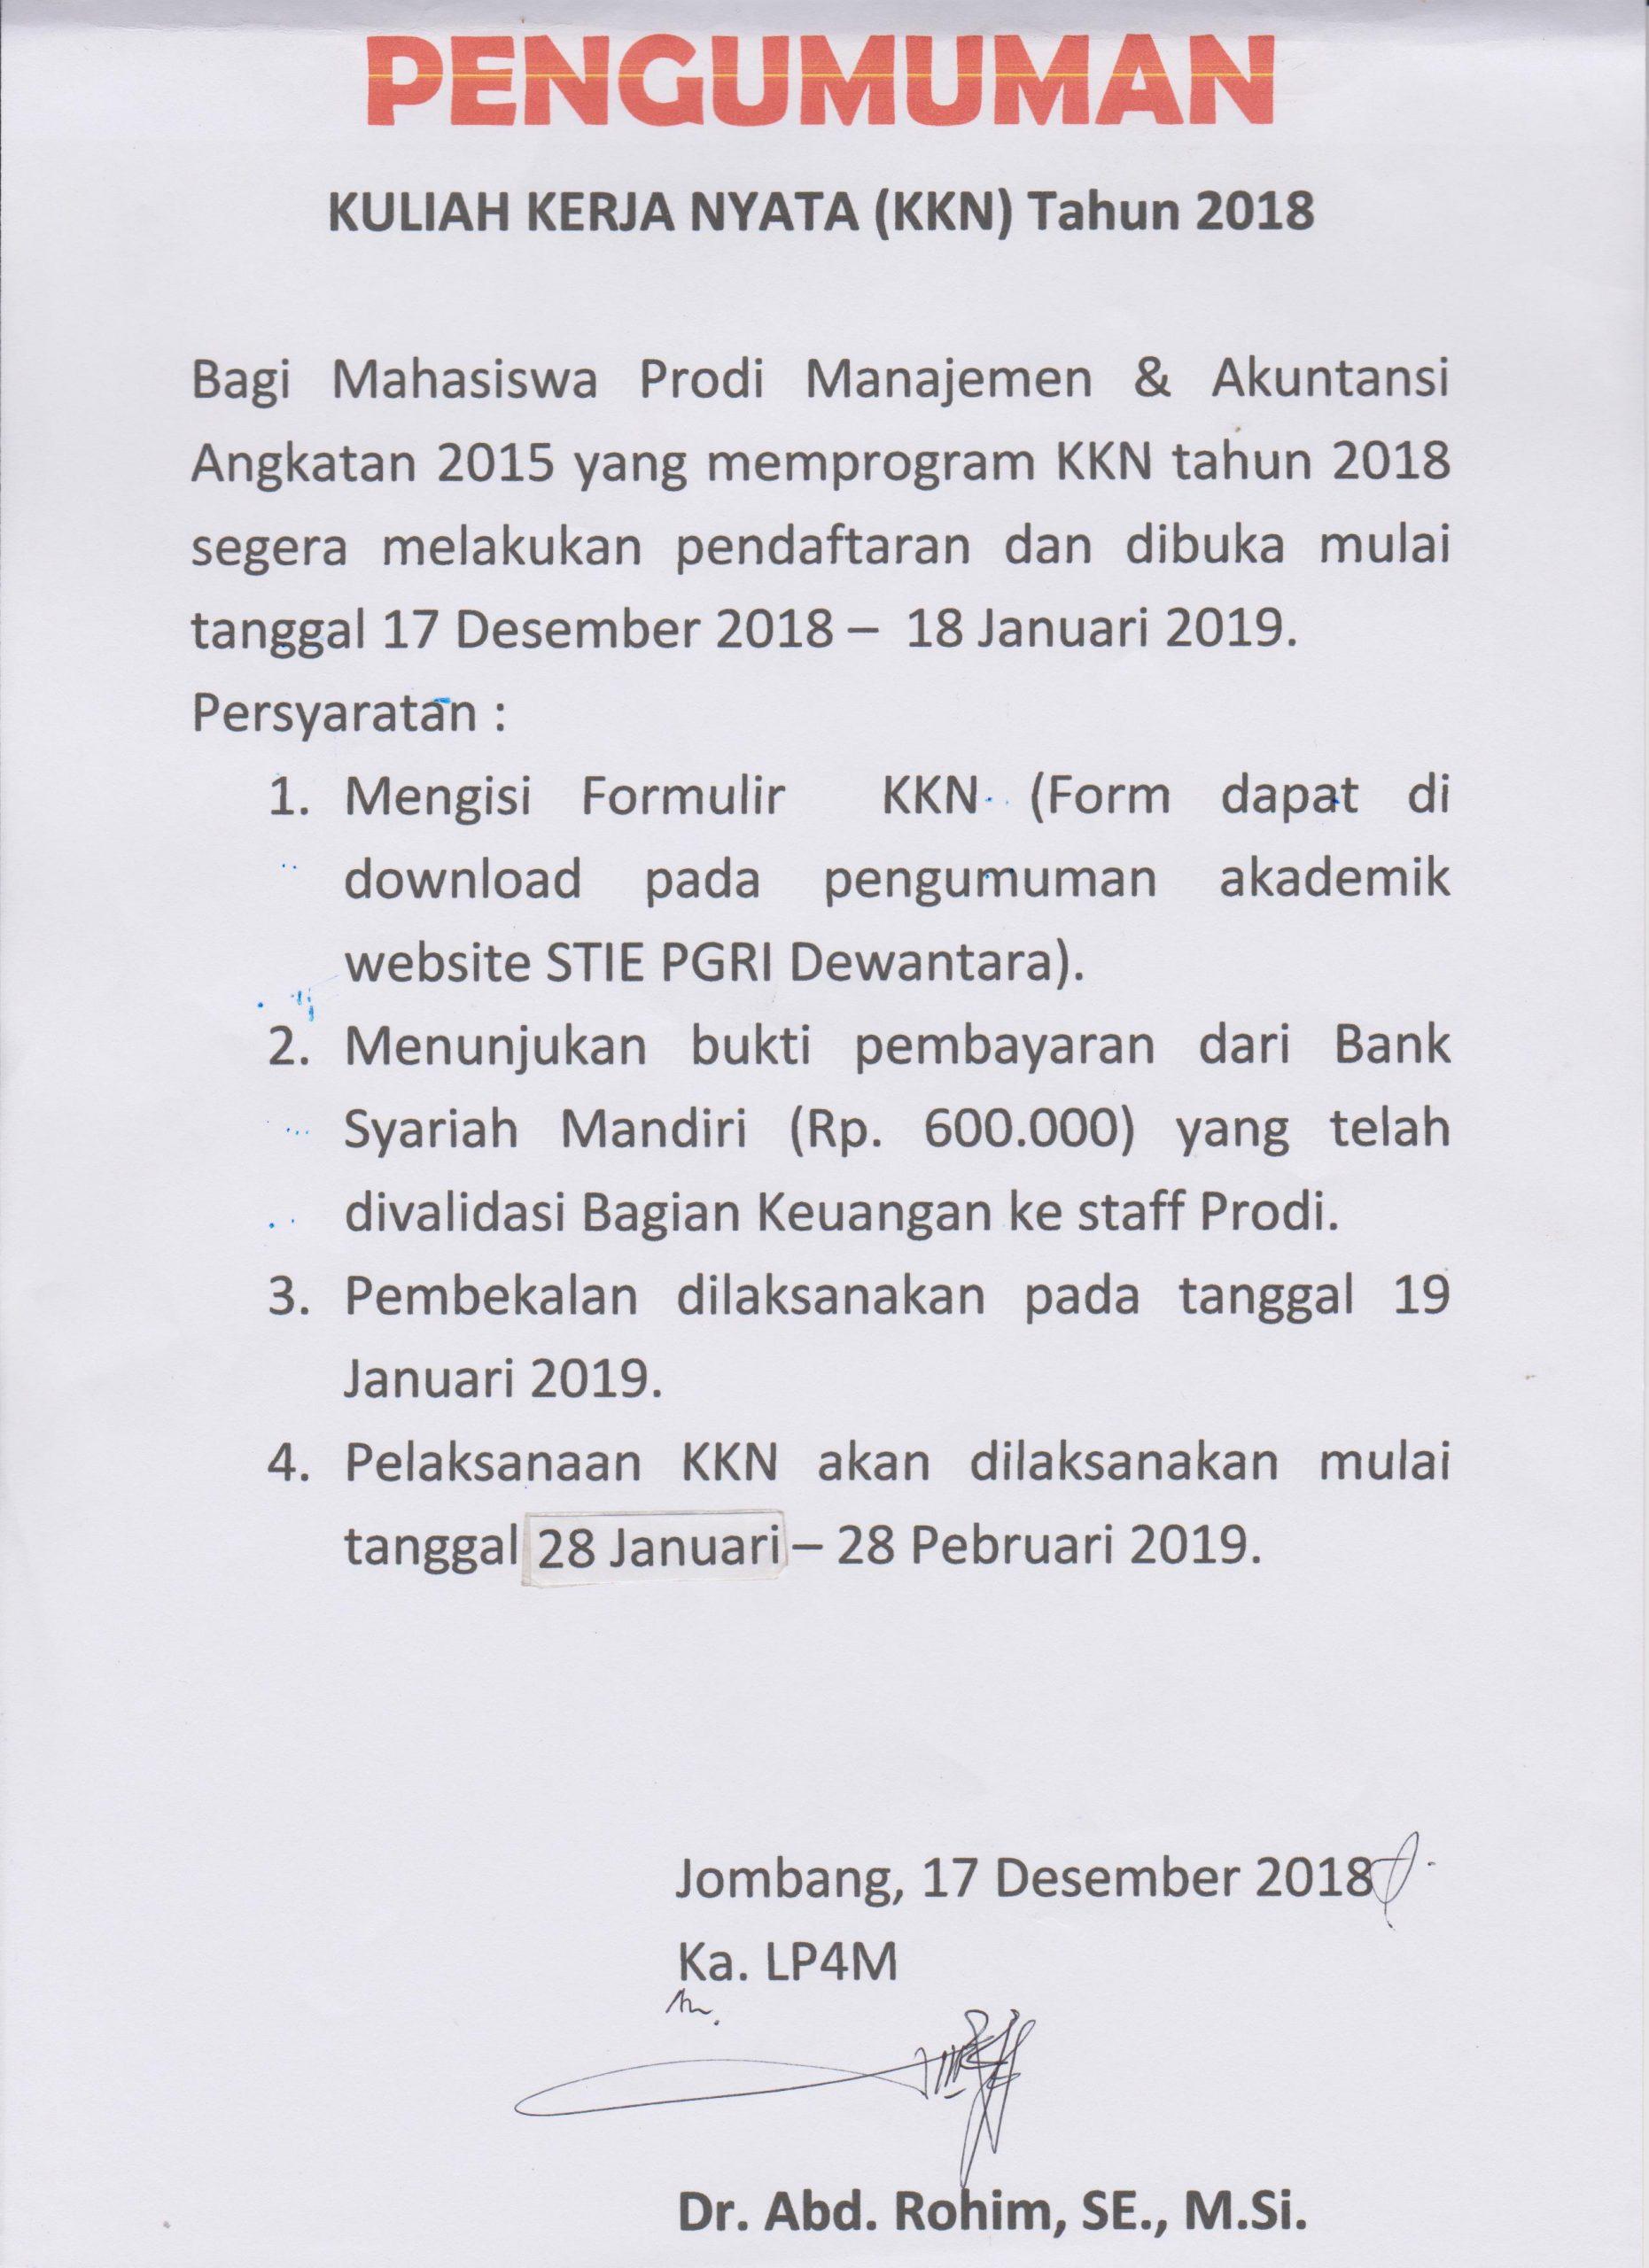 PENGUMUMAN KULIAH KERJA NYATA (KKN) Tahun 2018